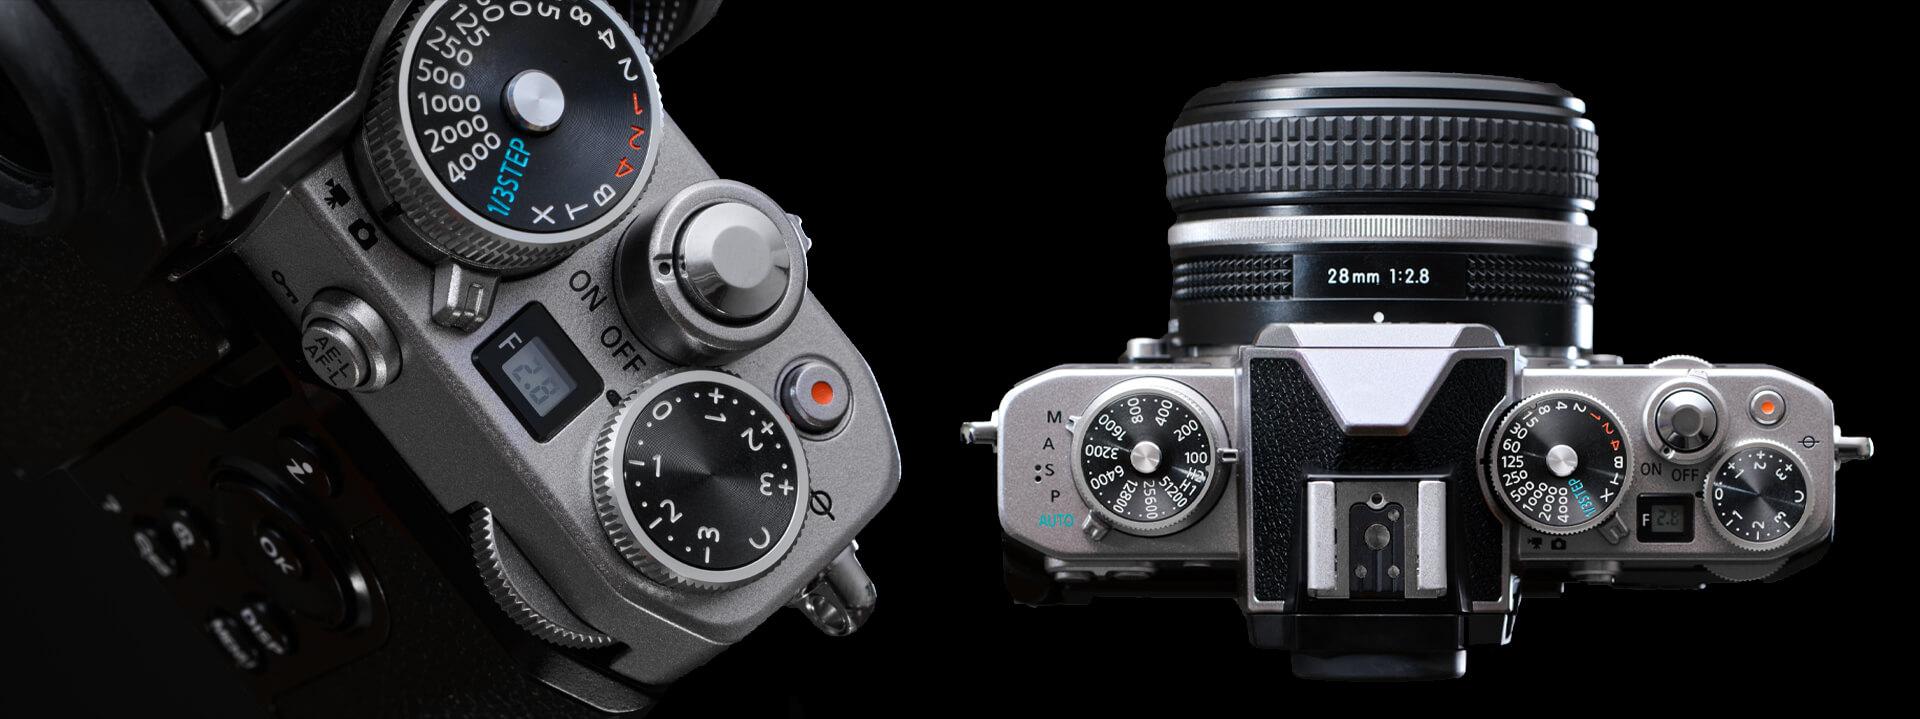 Hliníkové ovládací prvky fotoaparátu Nikon Z fc jsou rozloženy přesně tak, jako tomu bylo na přístroji Nikon FM2